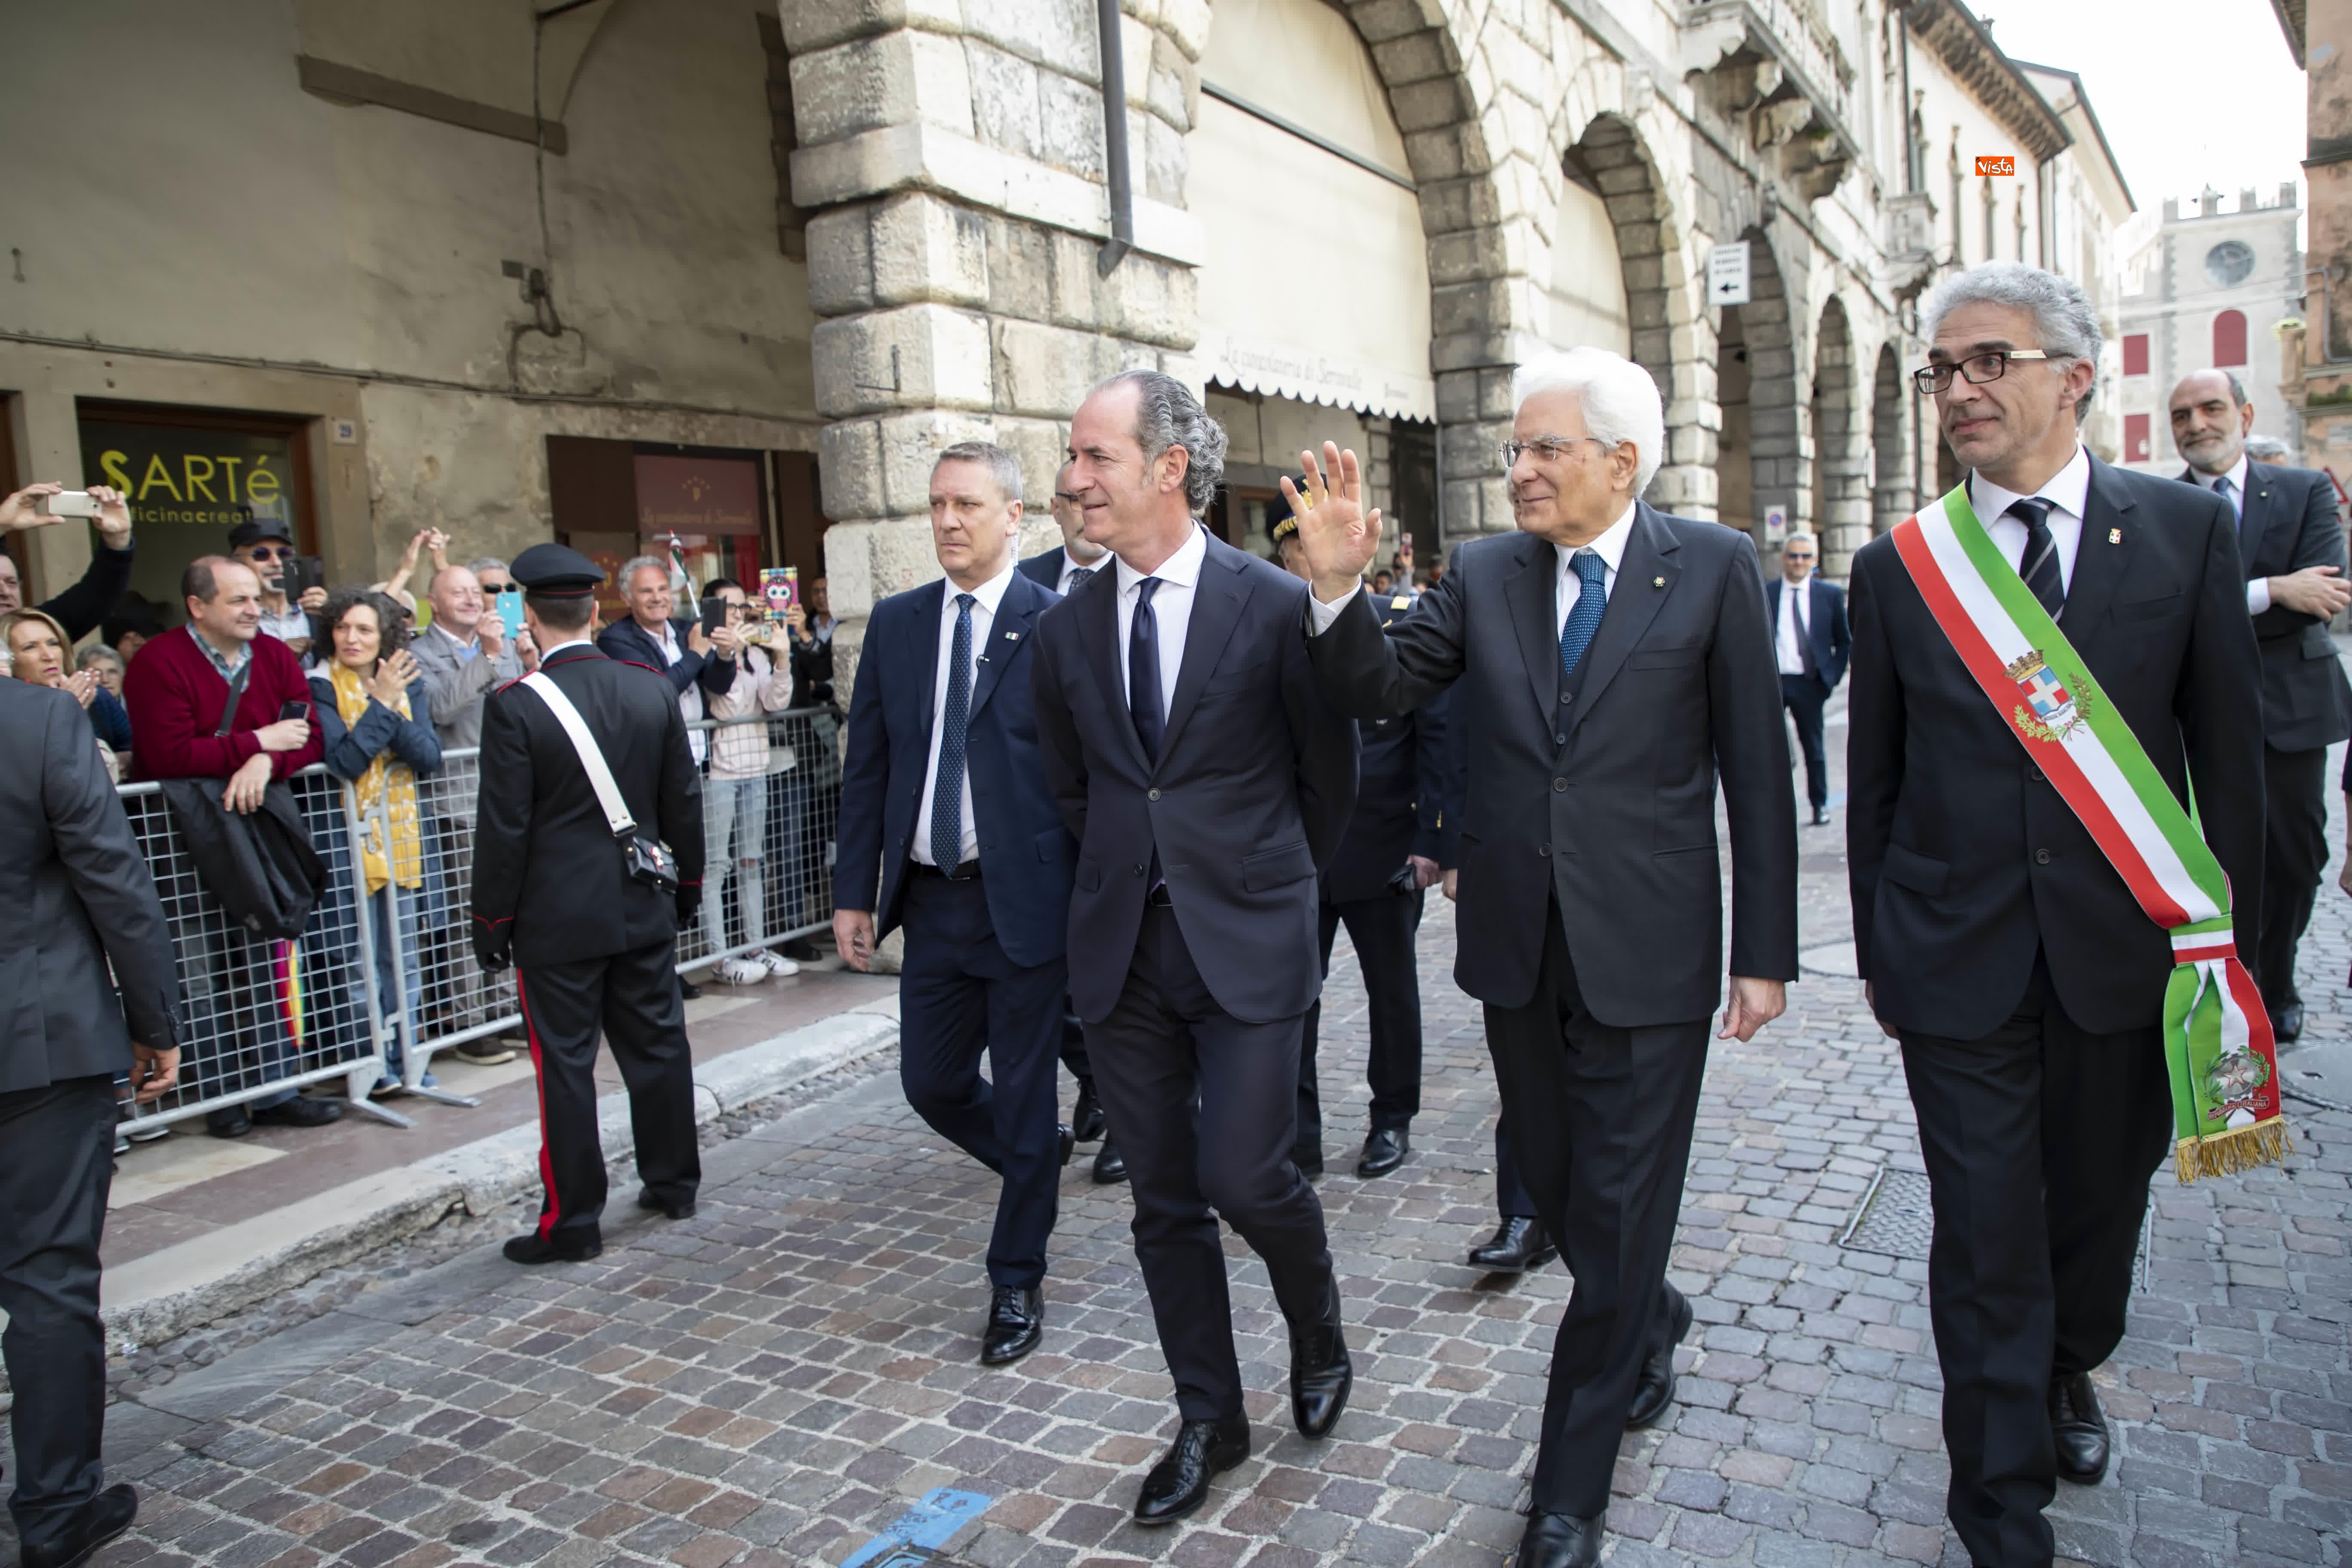 25-04-19 25 Aprile, Mattarella alla Cerimonia in occasione del 74 Anniversario della Liberazione a Vittorio Veneto